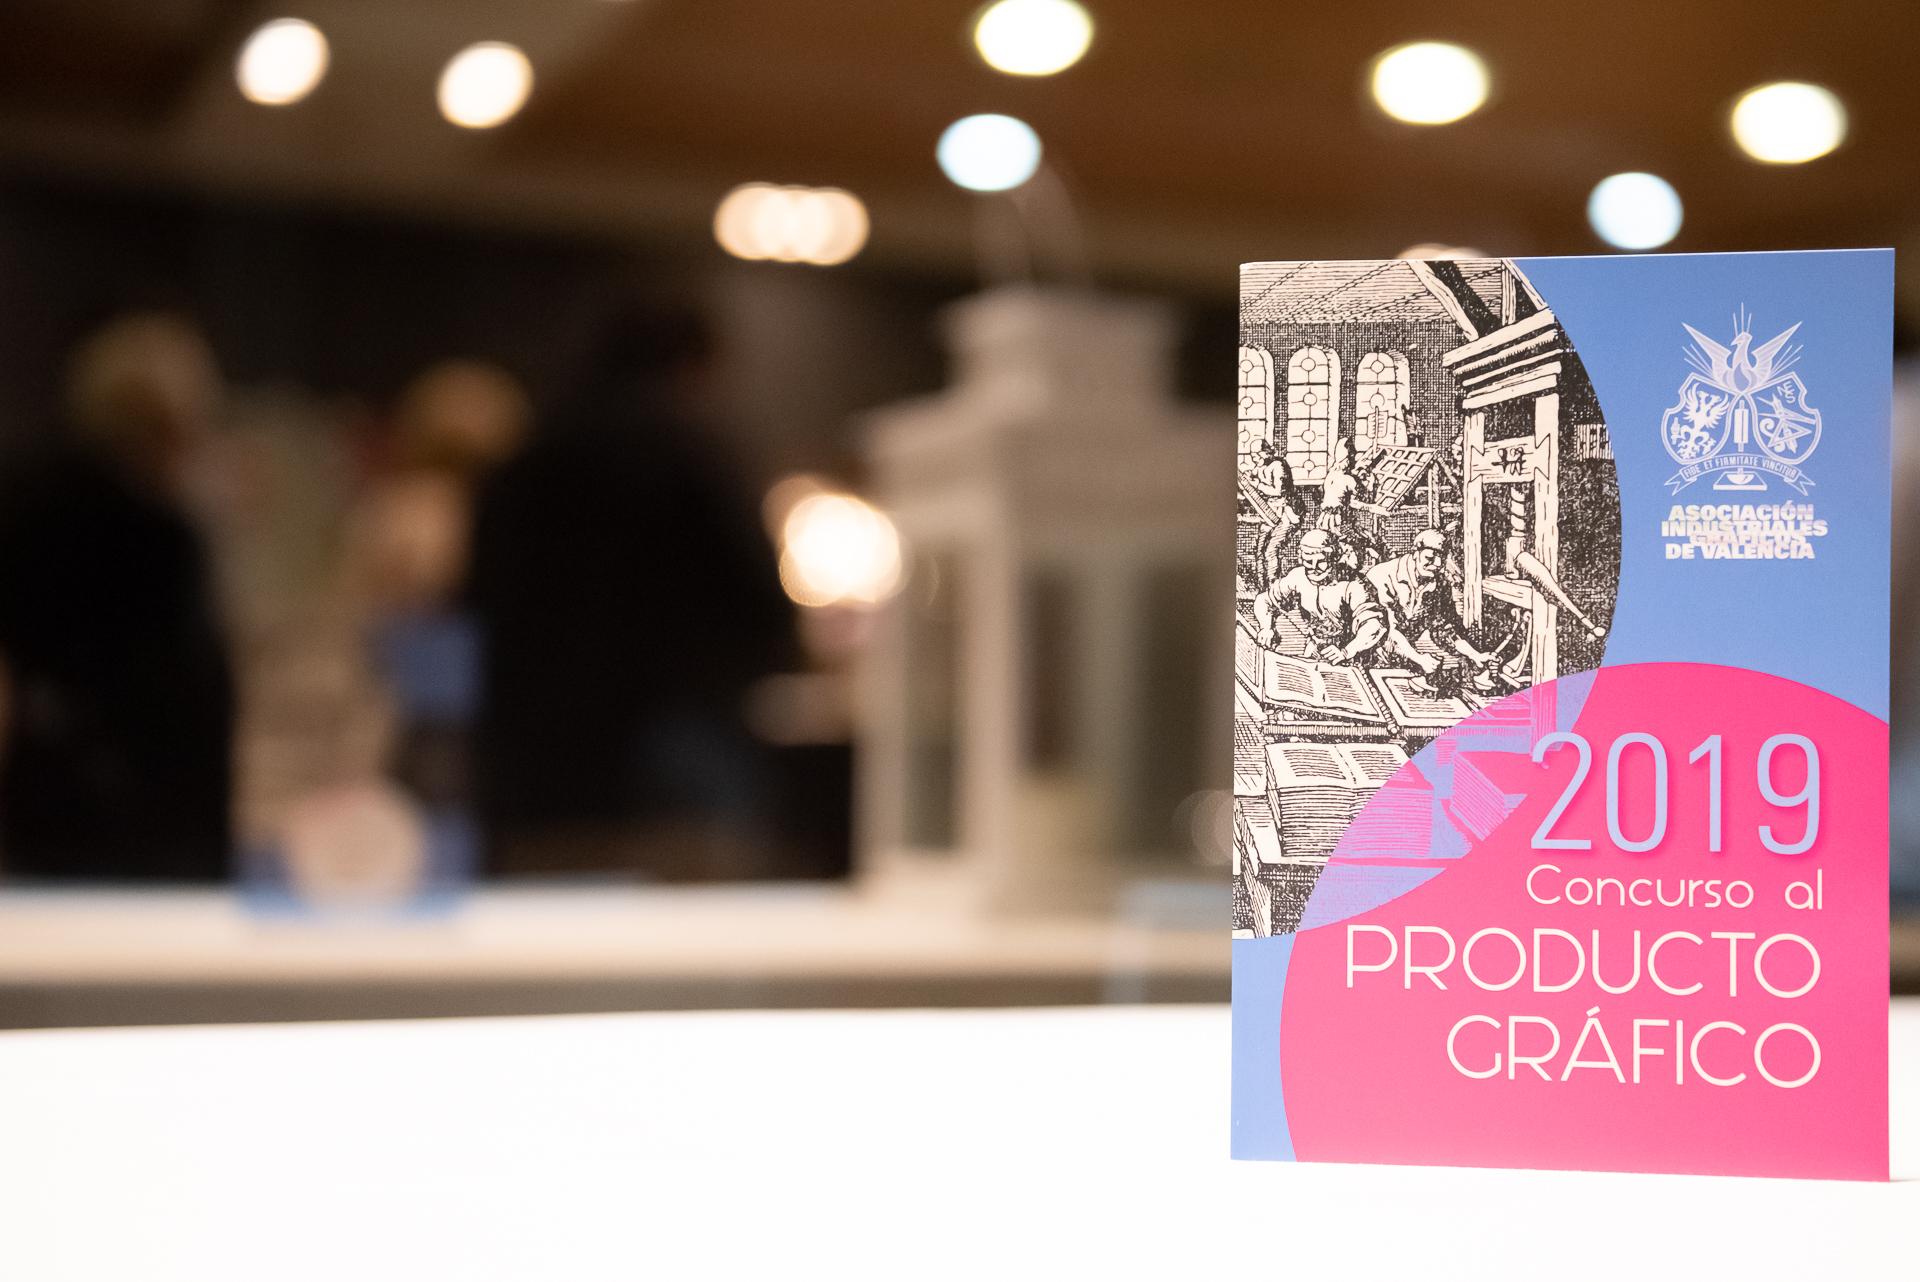 Concurso producto gráfico 2019